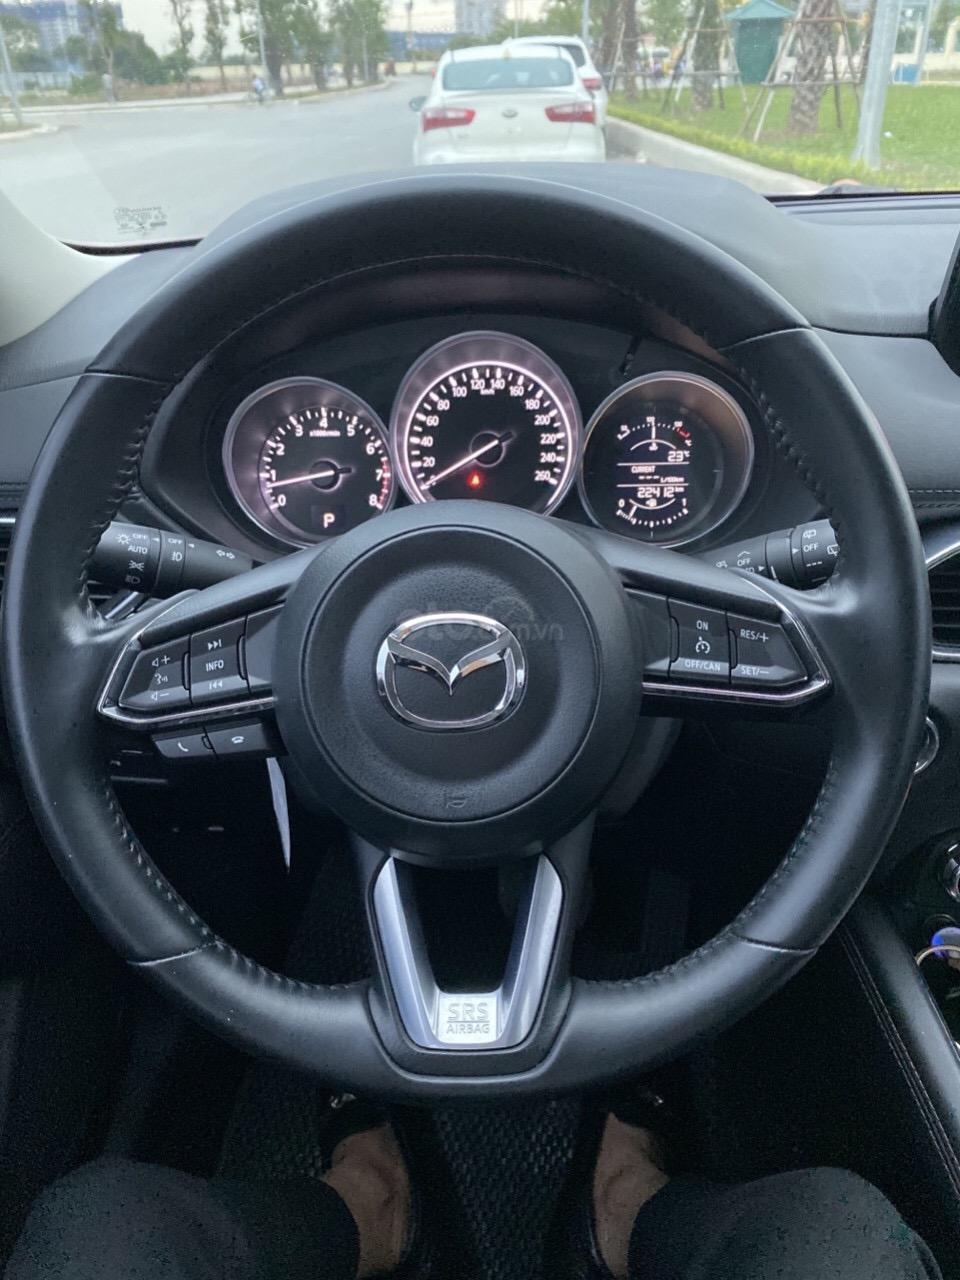 Cần bán xe Mazda CX 5 2.0 năm sản xuất 2018, màu xanh lam (10)